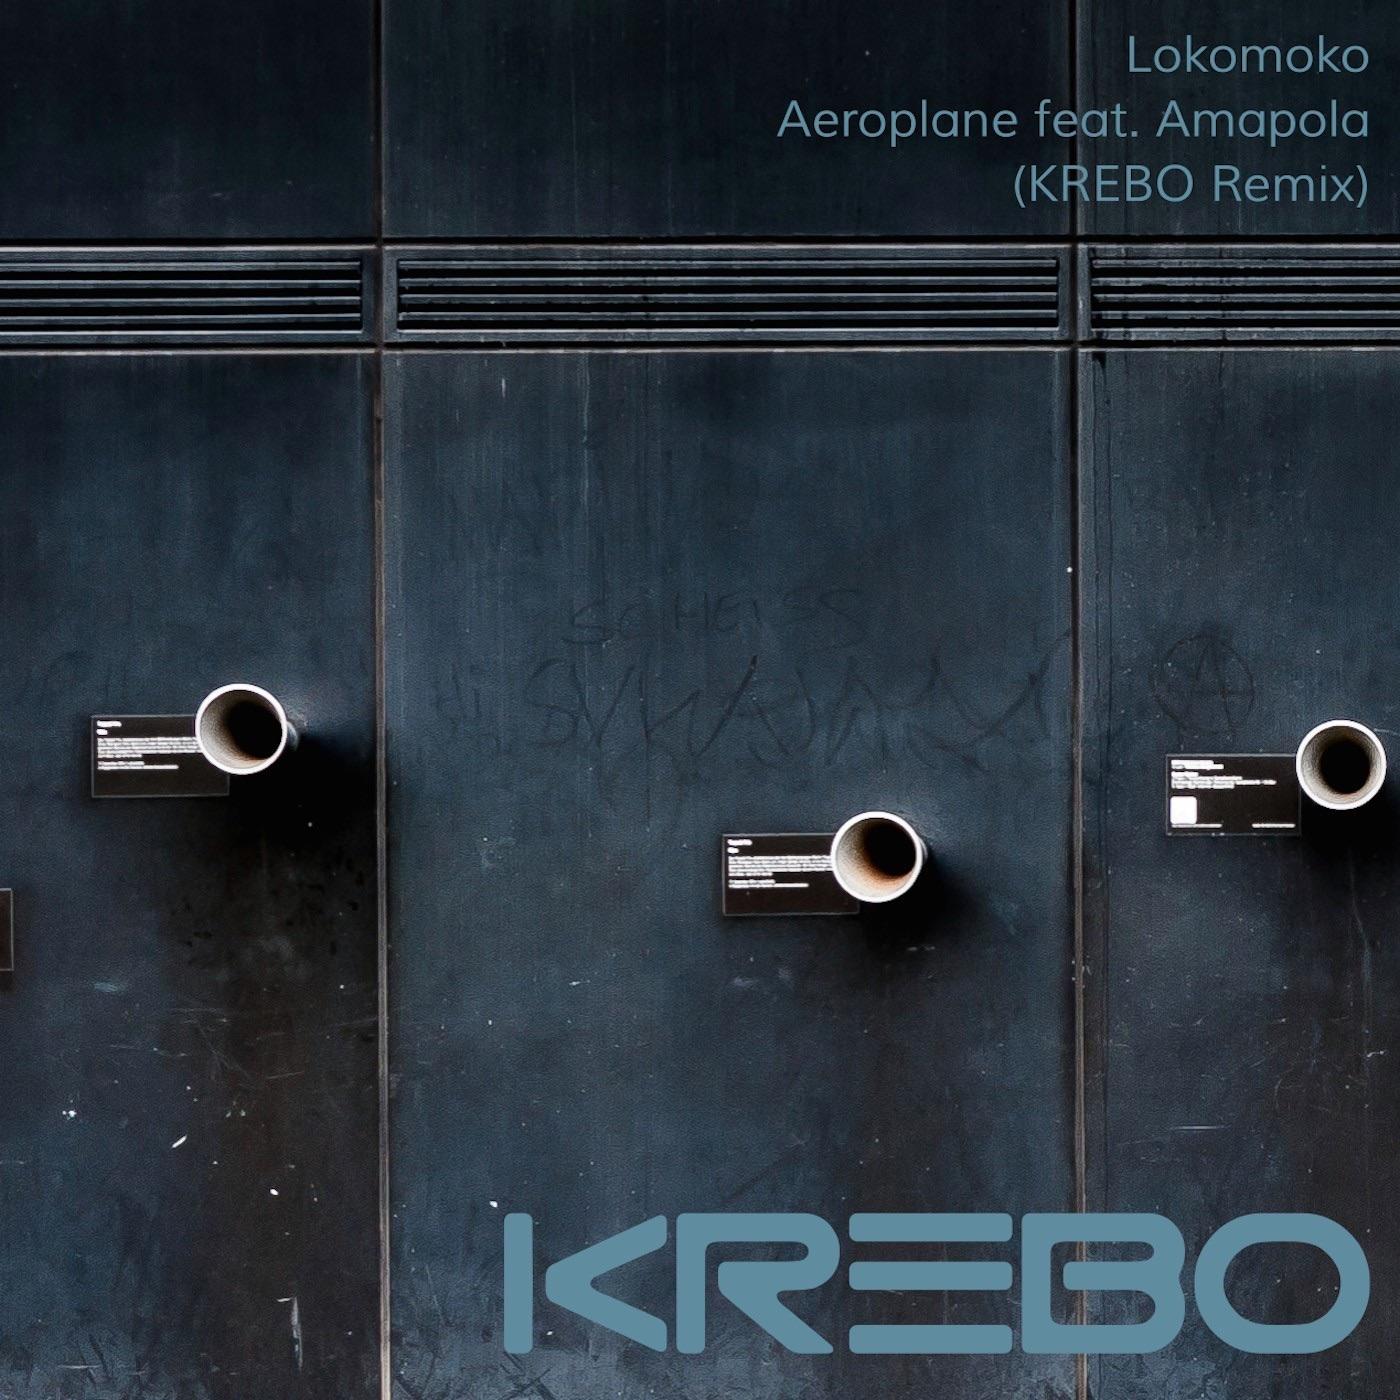 Aeroplane (KREBO Remix) [feat. Amapola]